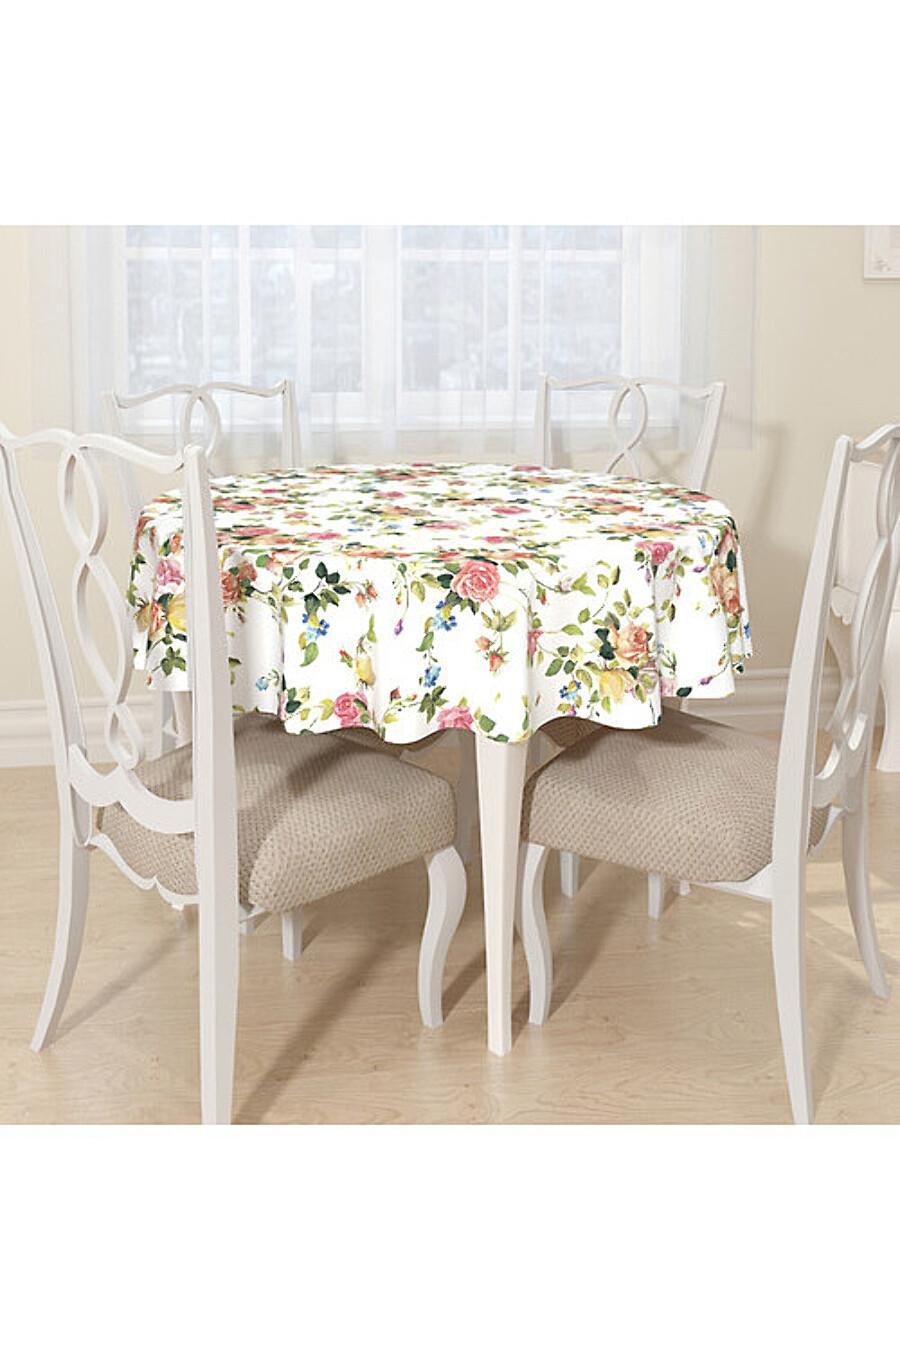 Скатерть для дома ART HOME TEXTILE 180494 купить оптом от производителя. Совместная покупка товаров для дома в OptMoyo